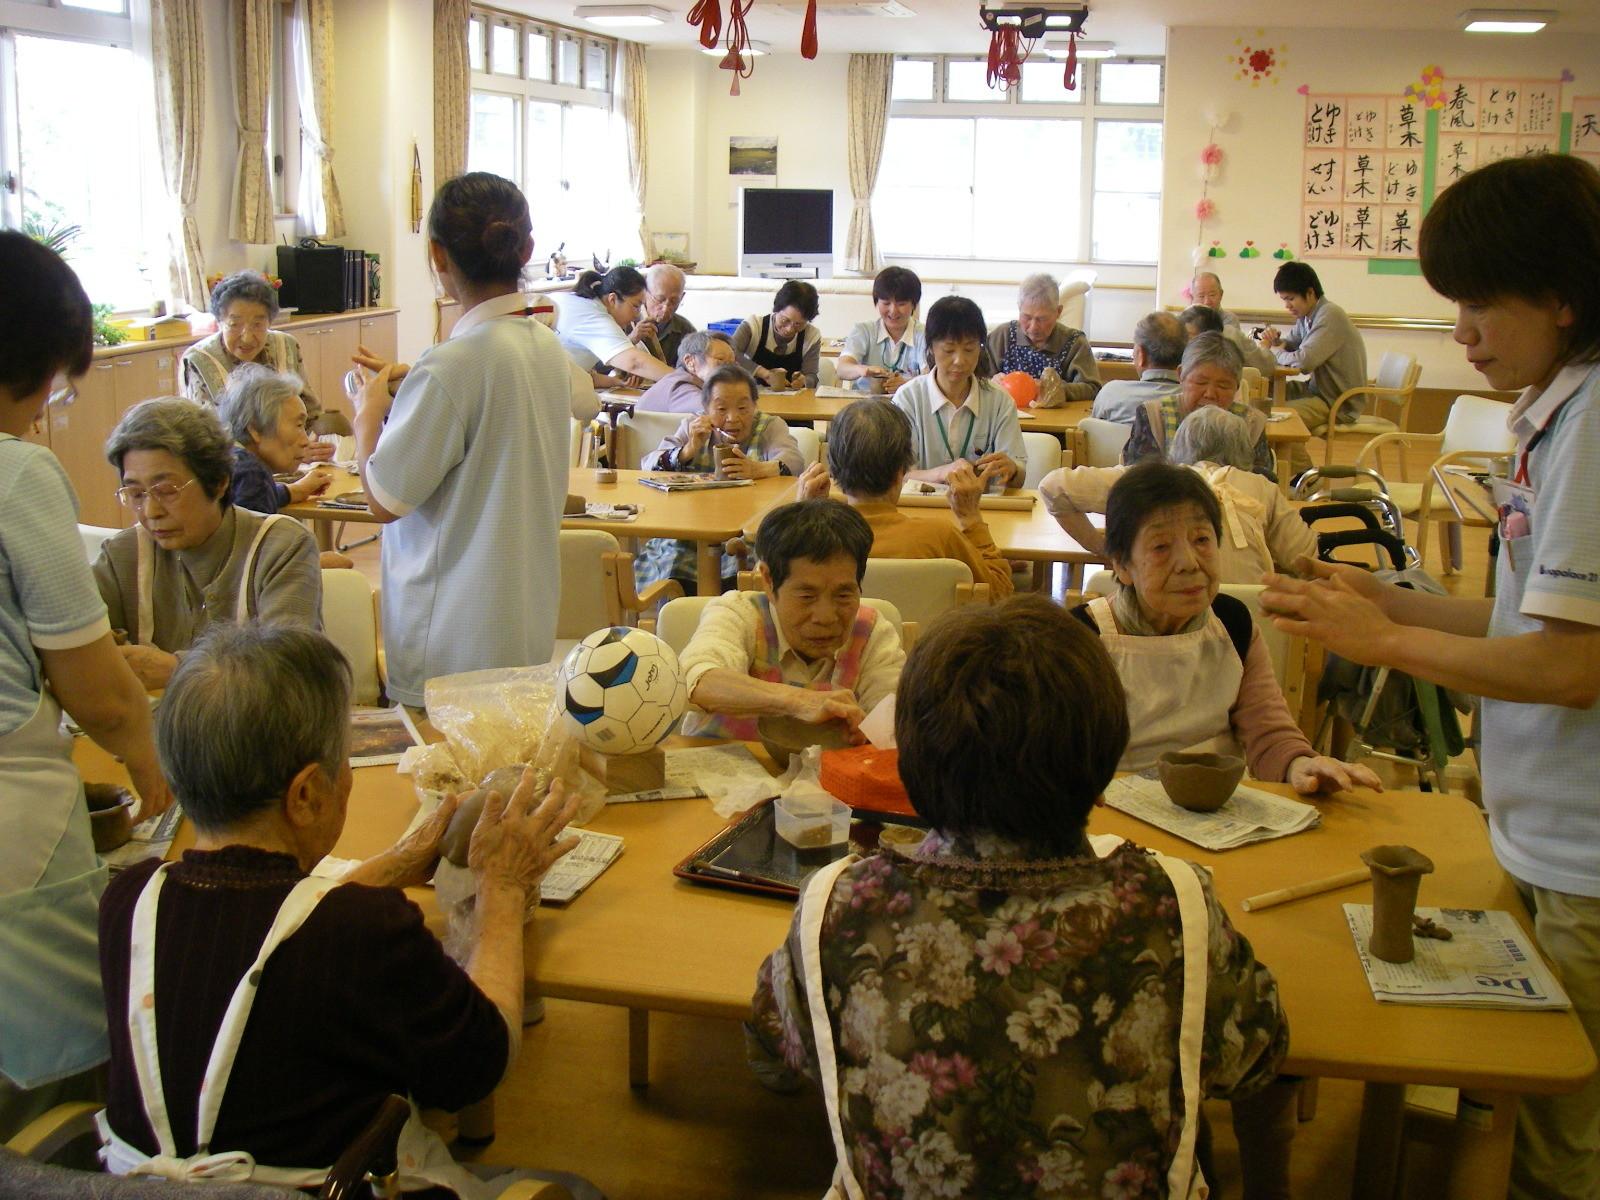 老人ホームでの教室例です。